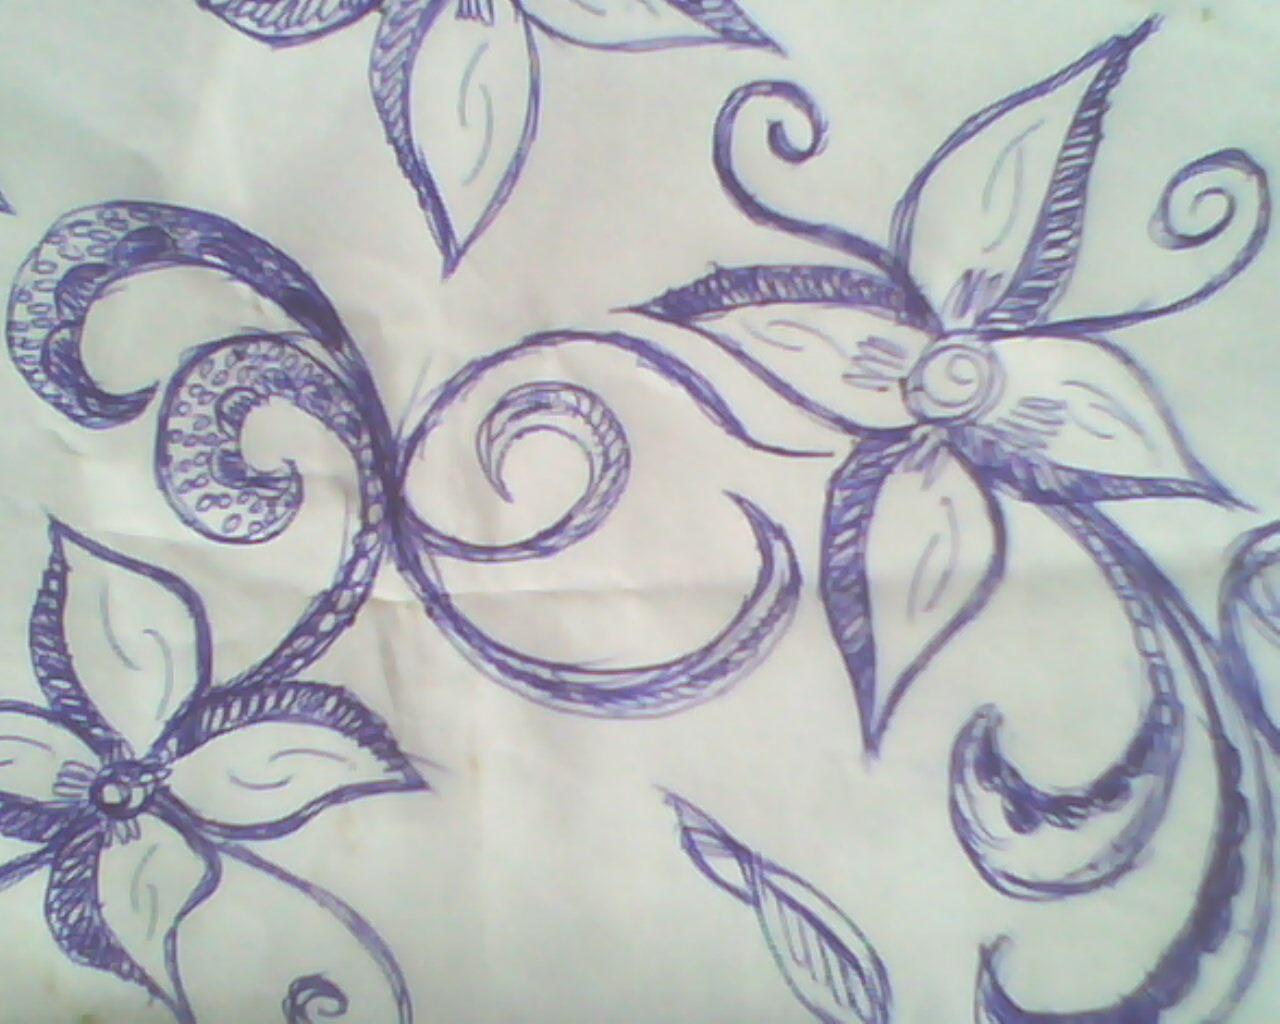 Gambar Sketsa Batik Mudah Di Gambar Sobsketsa